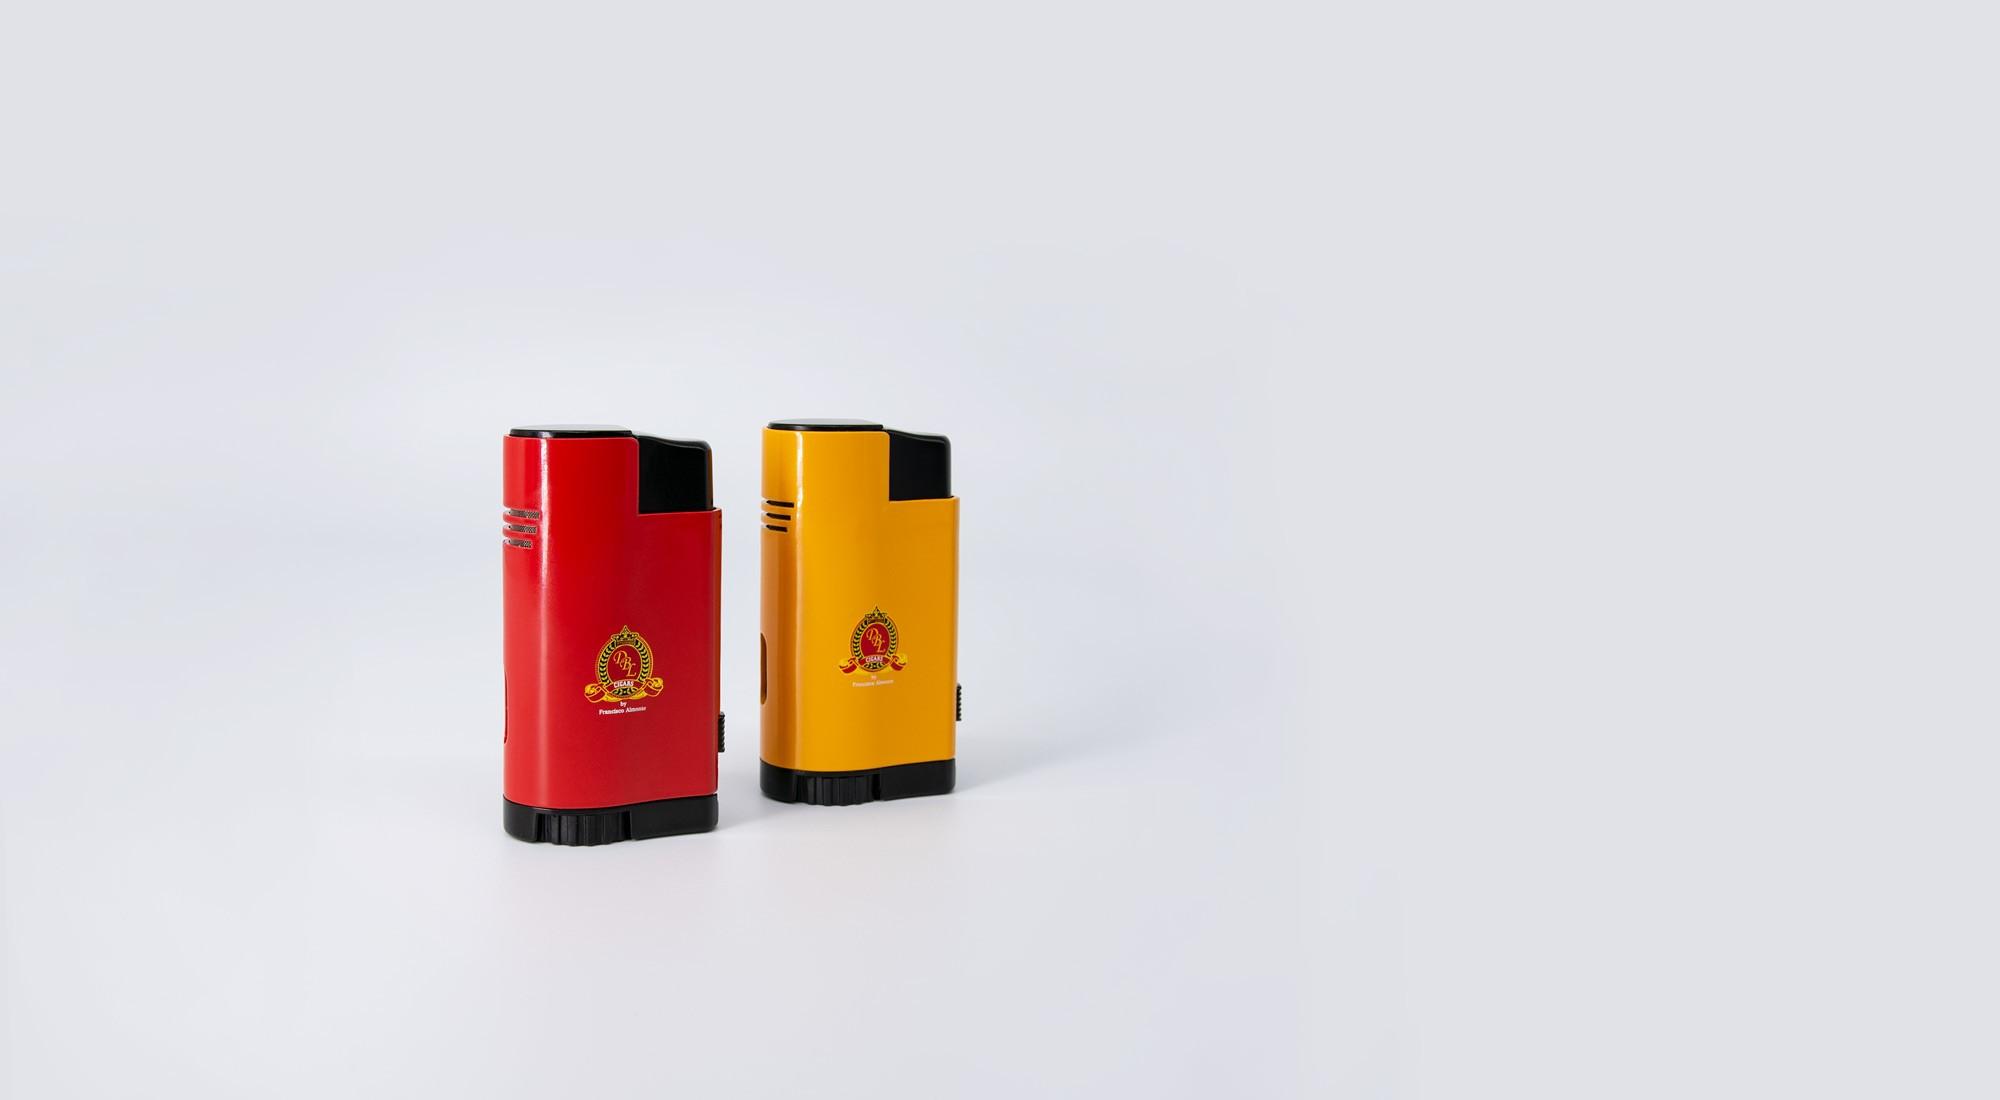 DBL Feuerzeug